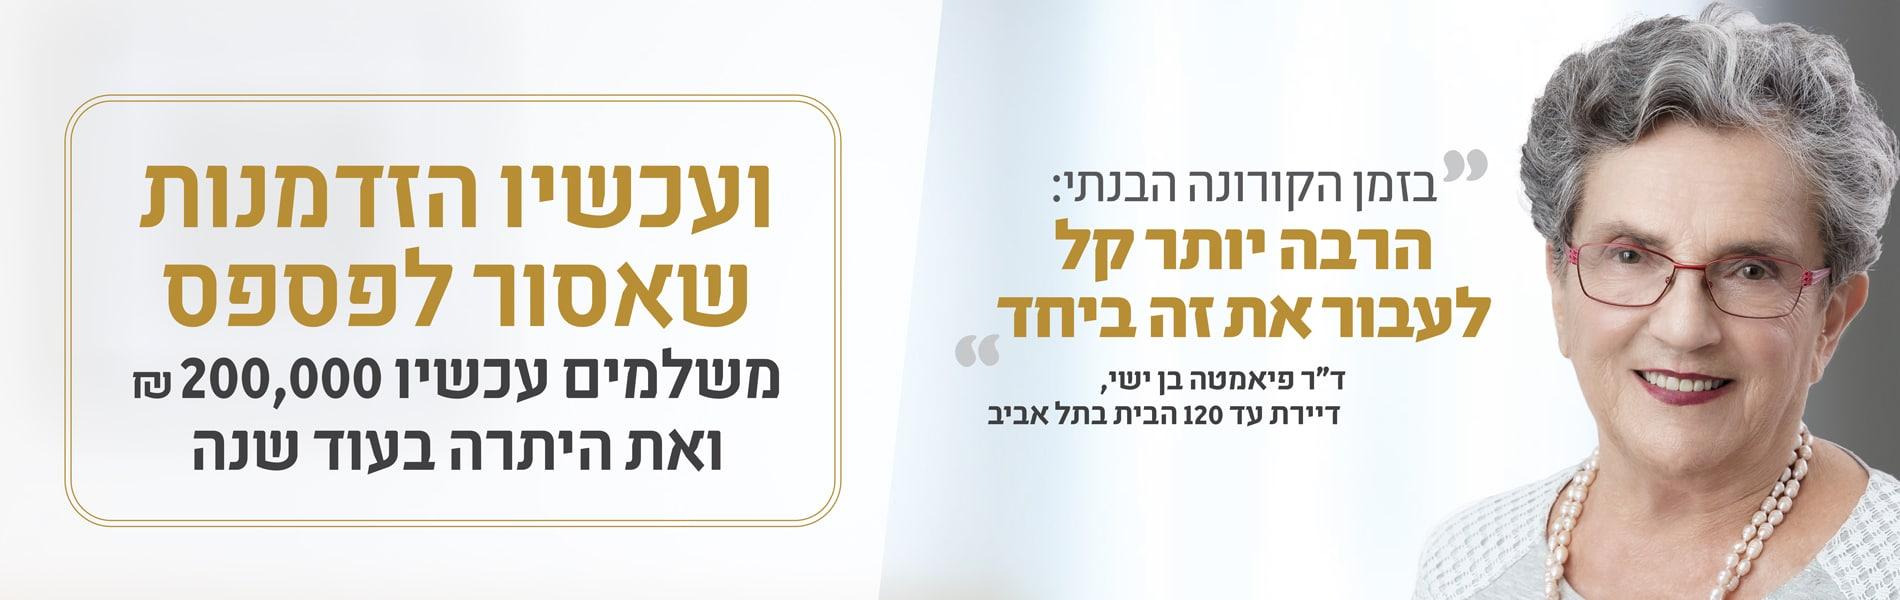 מבצע הבית בתל אביב